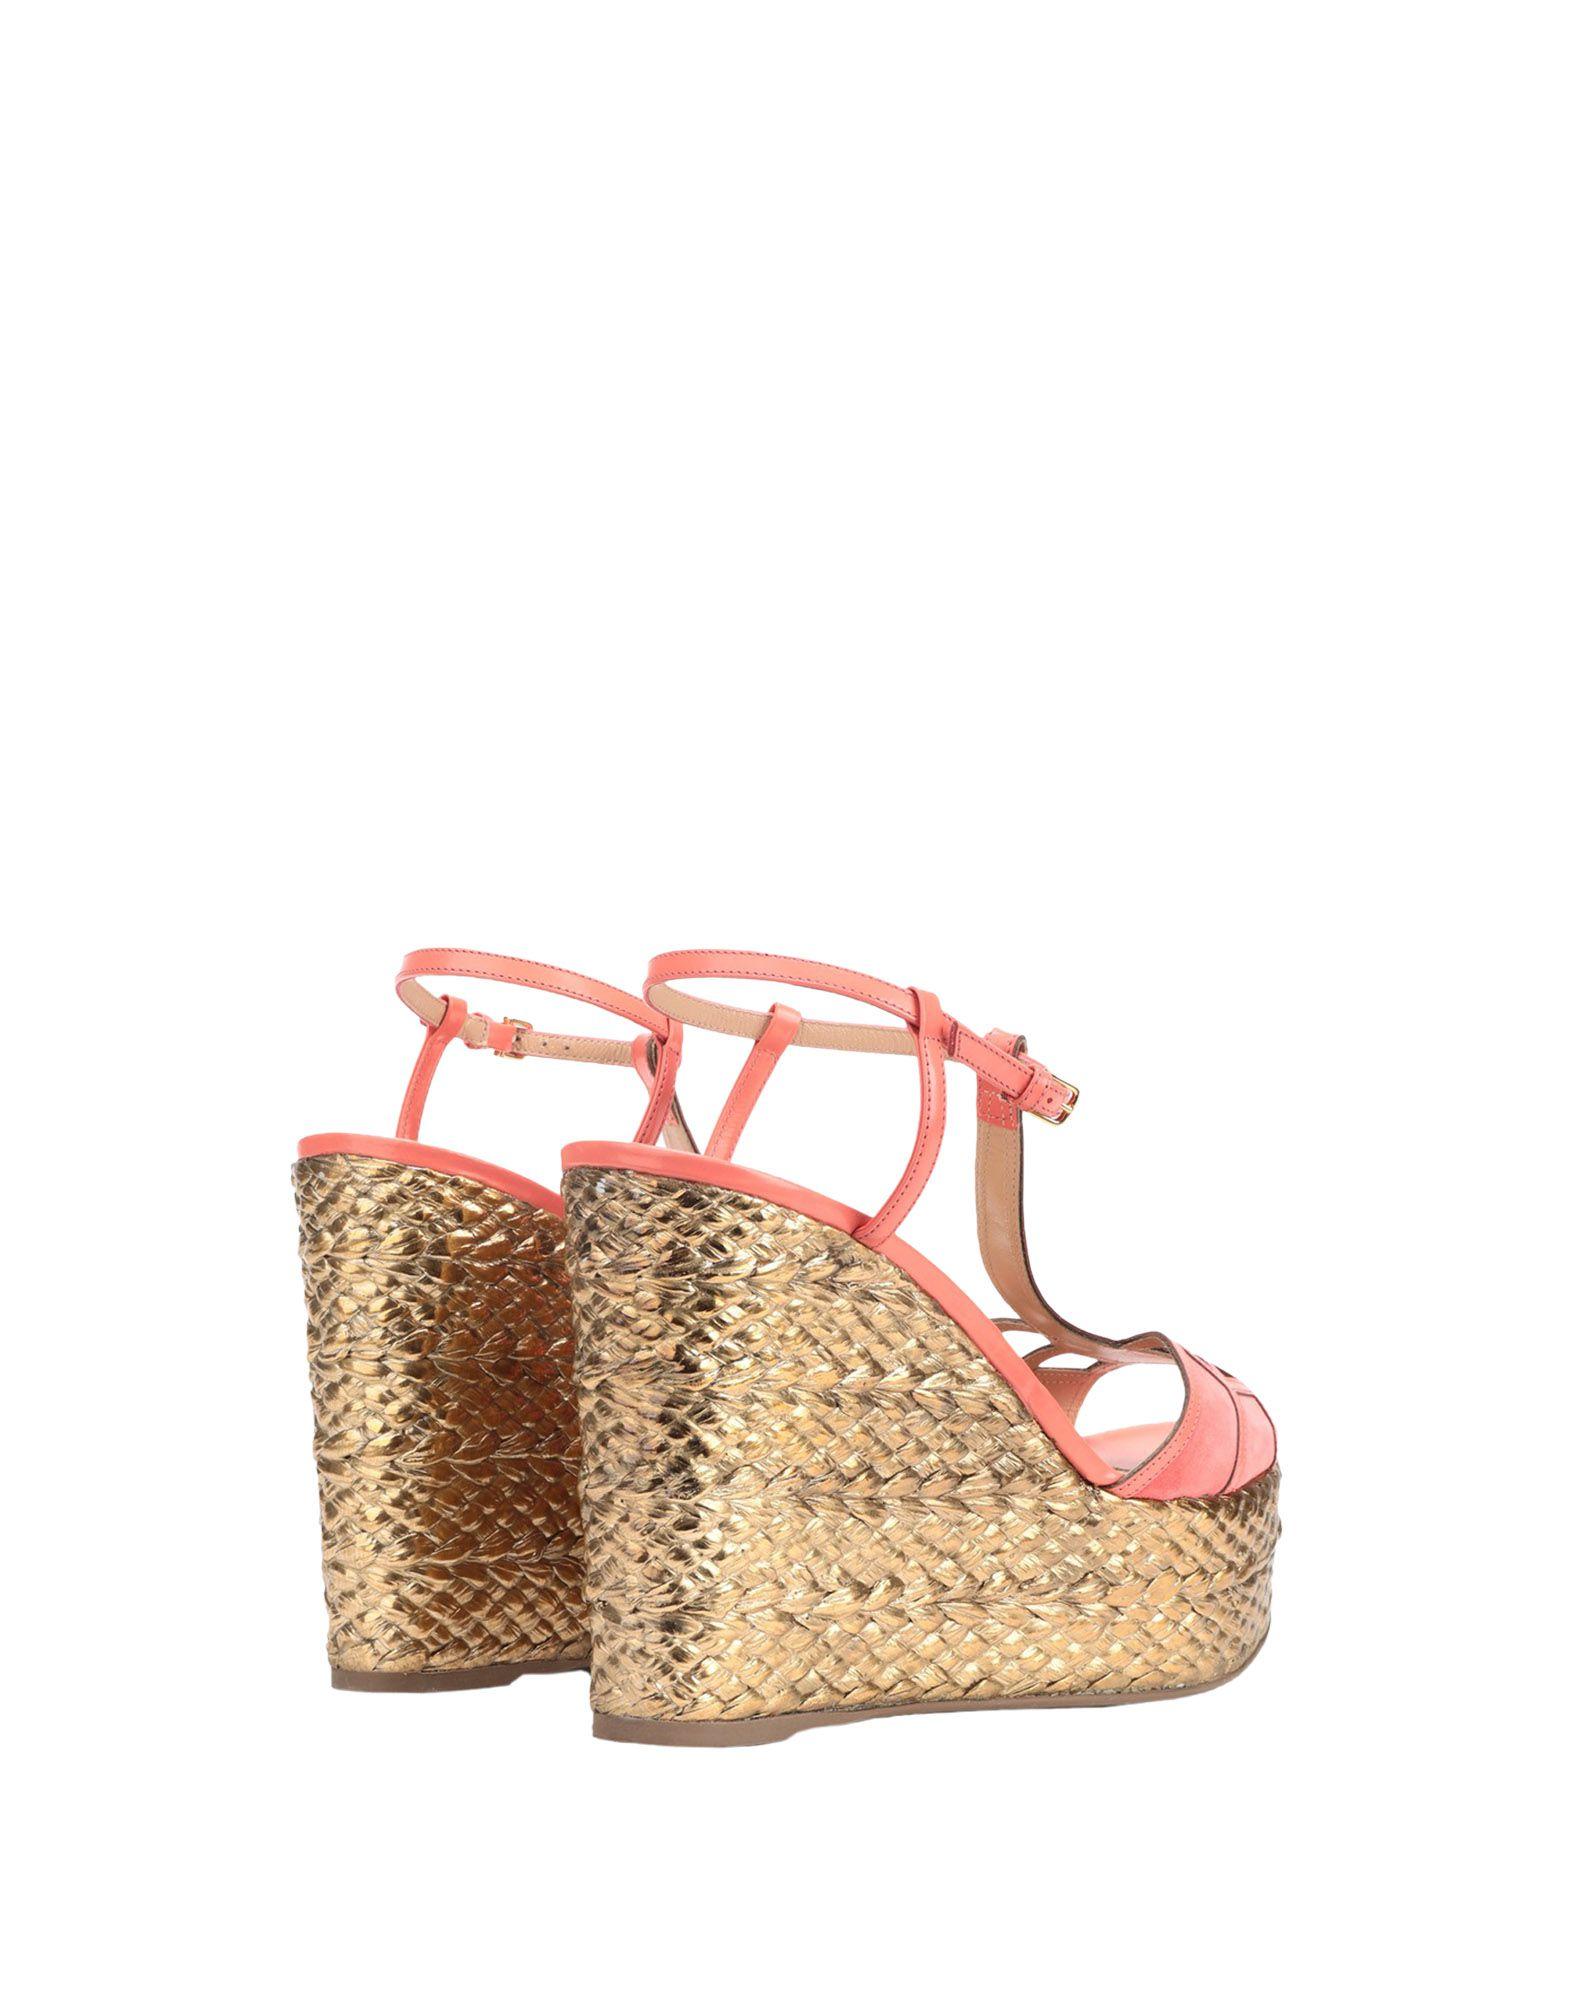 Sergio Rossi Sandalen Damen Schuhe  11518784XJGünstige gut aussehende Schuhe Damen 2ab0cb